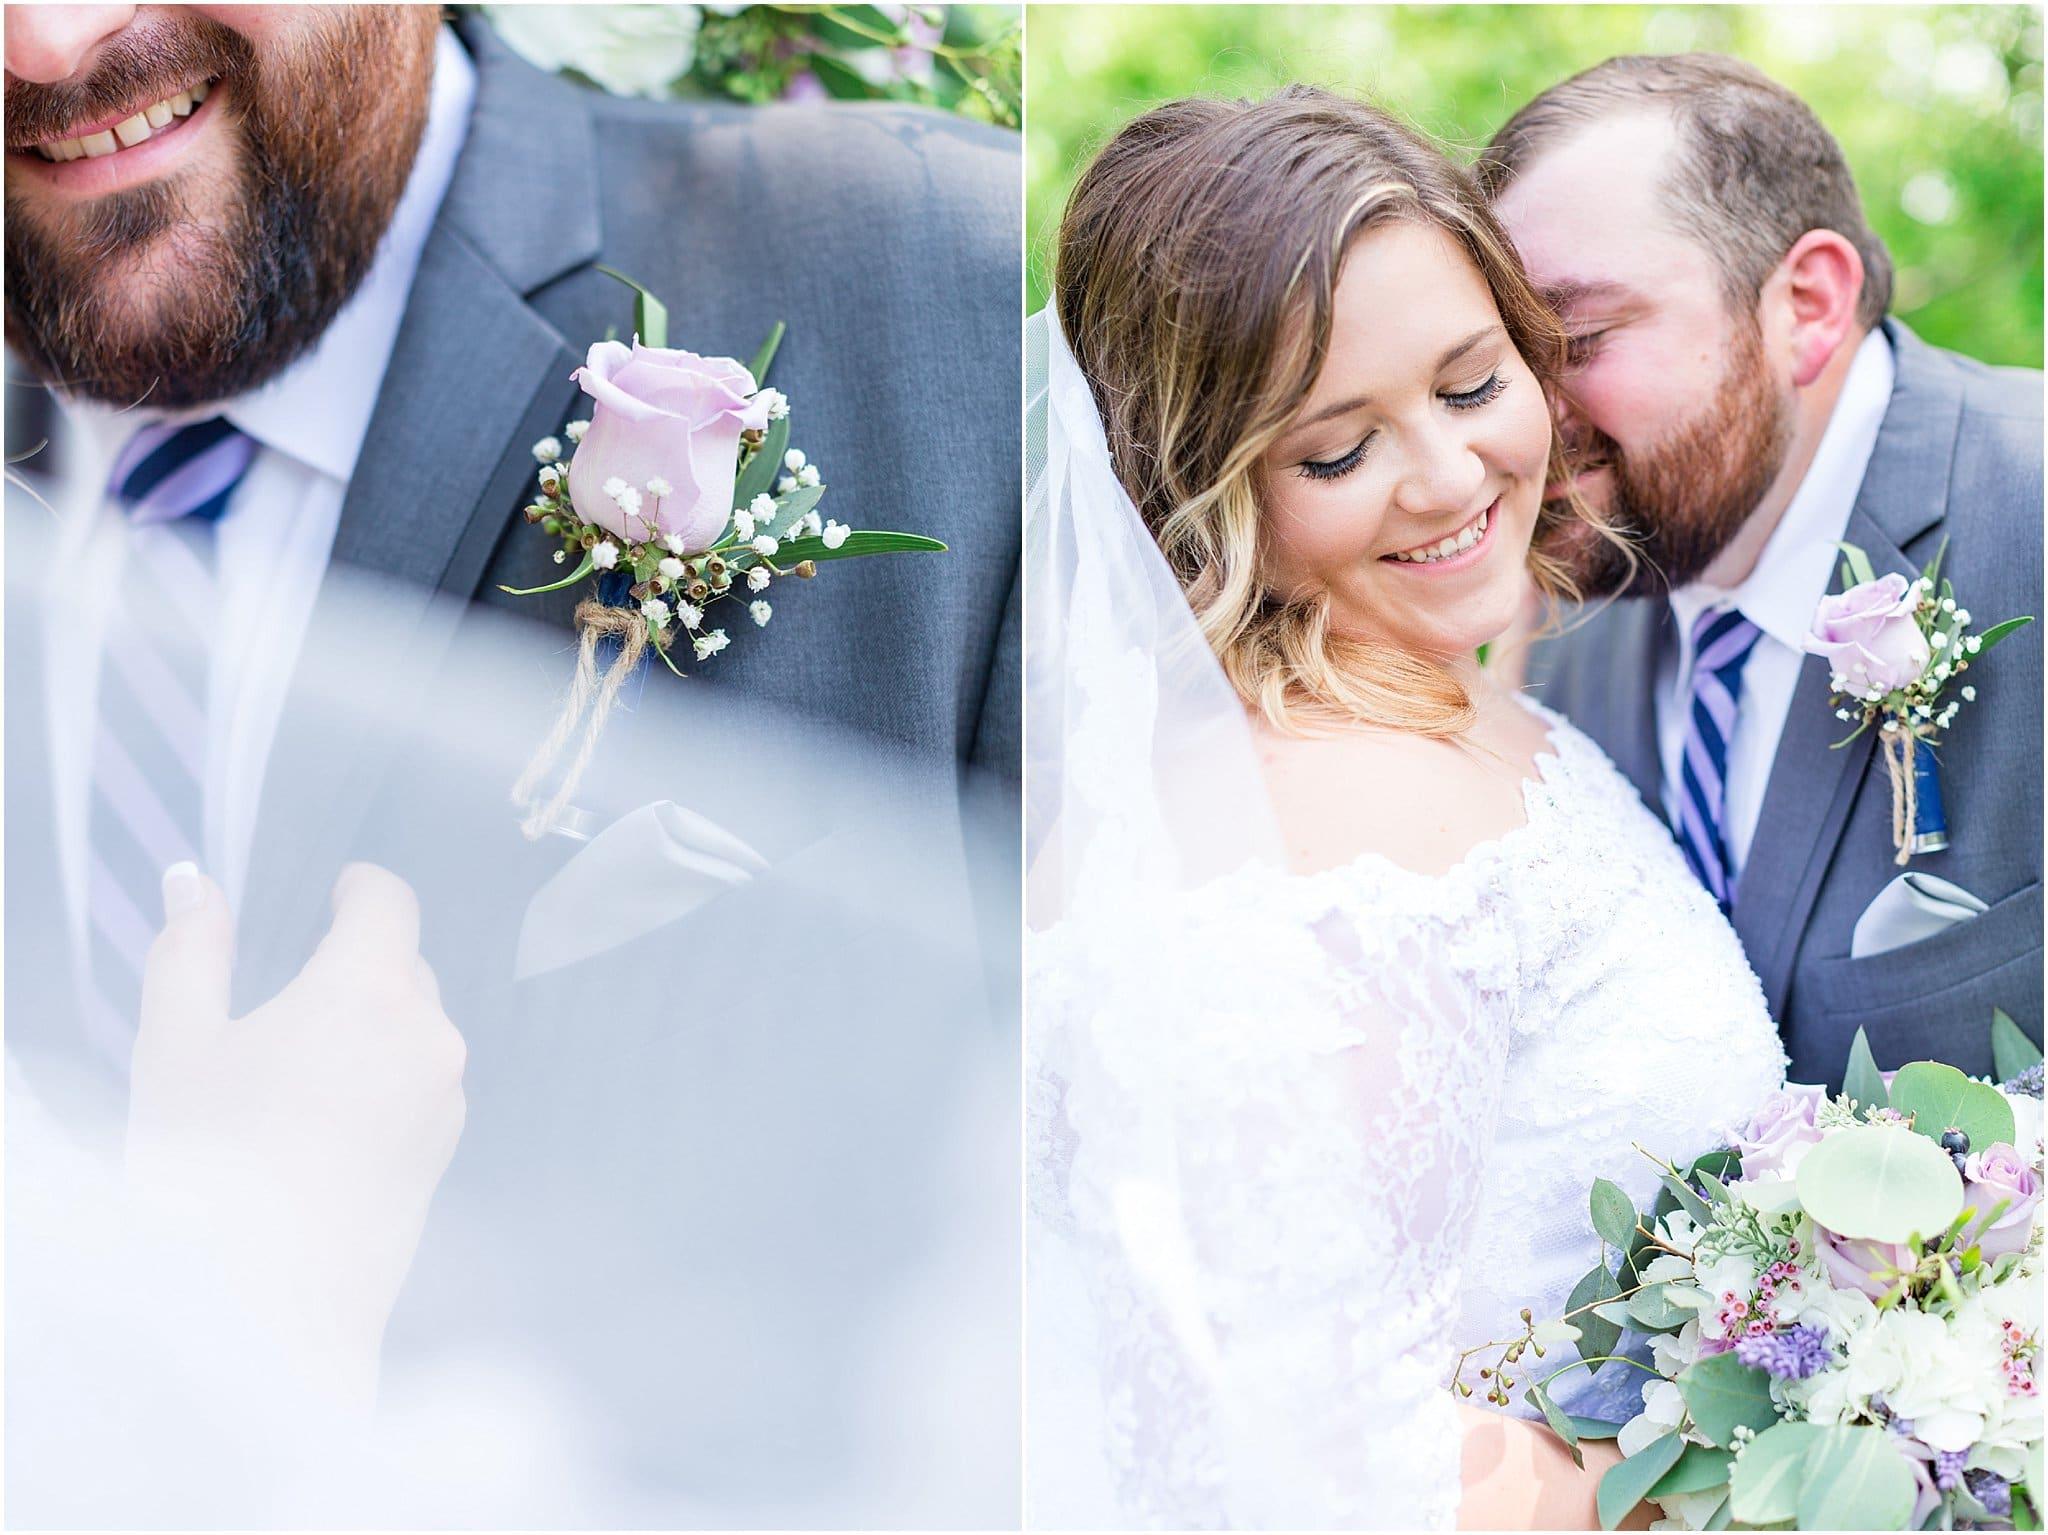 cole-wye-island-wedding-cassidymrphotography_0068